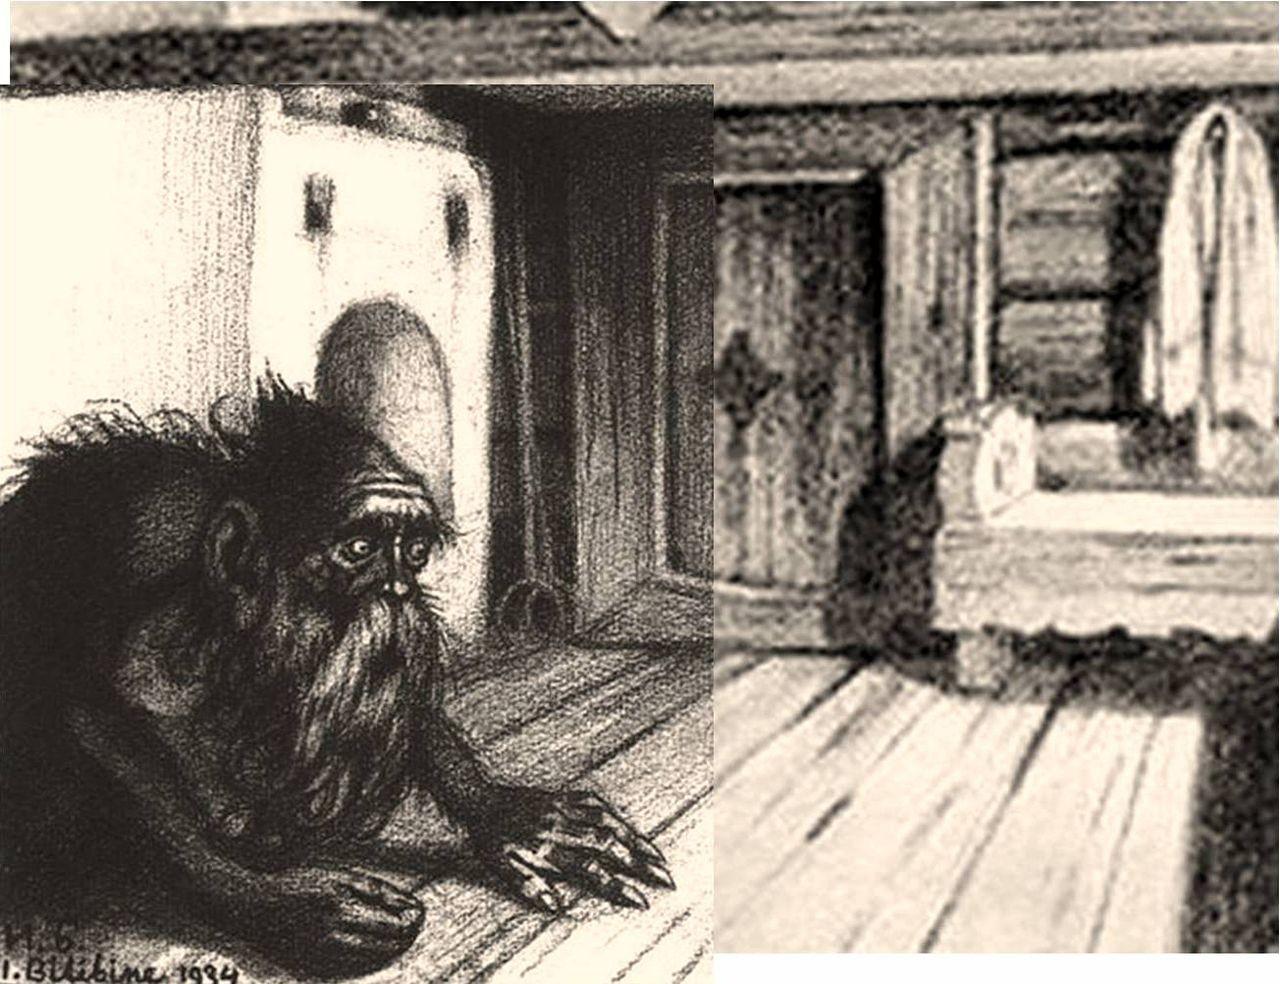 Domovoj je mali hišni duh iz slovanske mitologije. Navadno stanuje za pečjo. Tako ga je upodobil znameniti ilustrator Ivan Bilibin (1934).